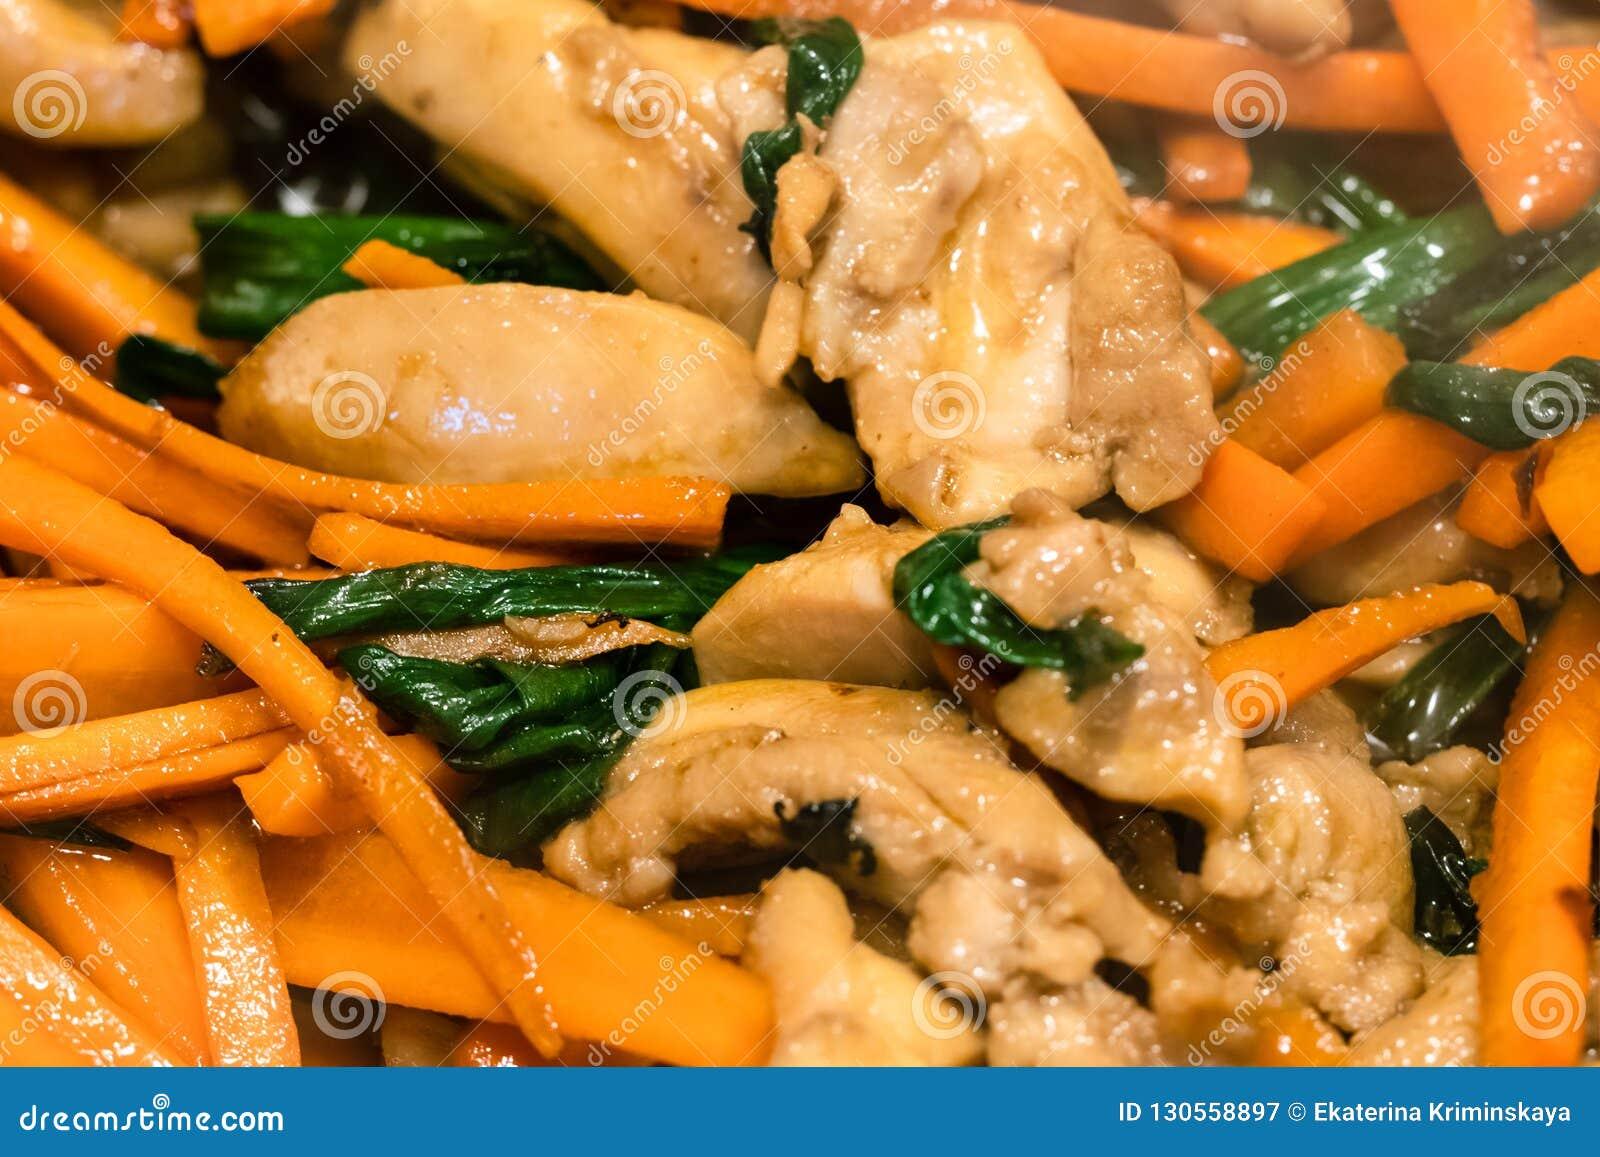 Morceaux de viande de poulet faisant frire avec les carottes coupées en tranches